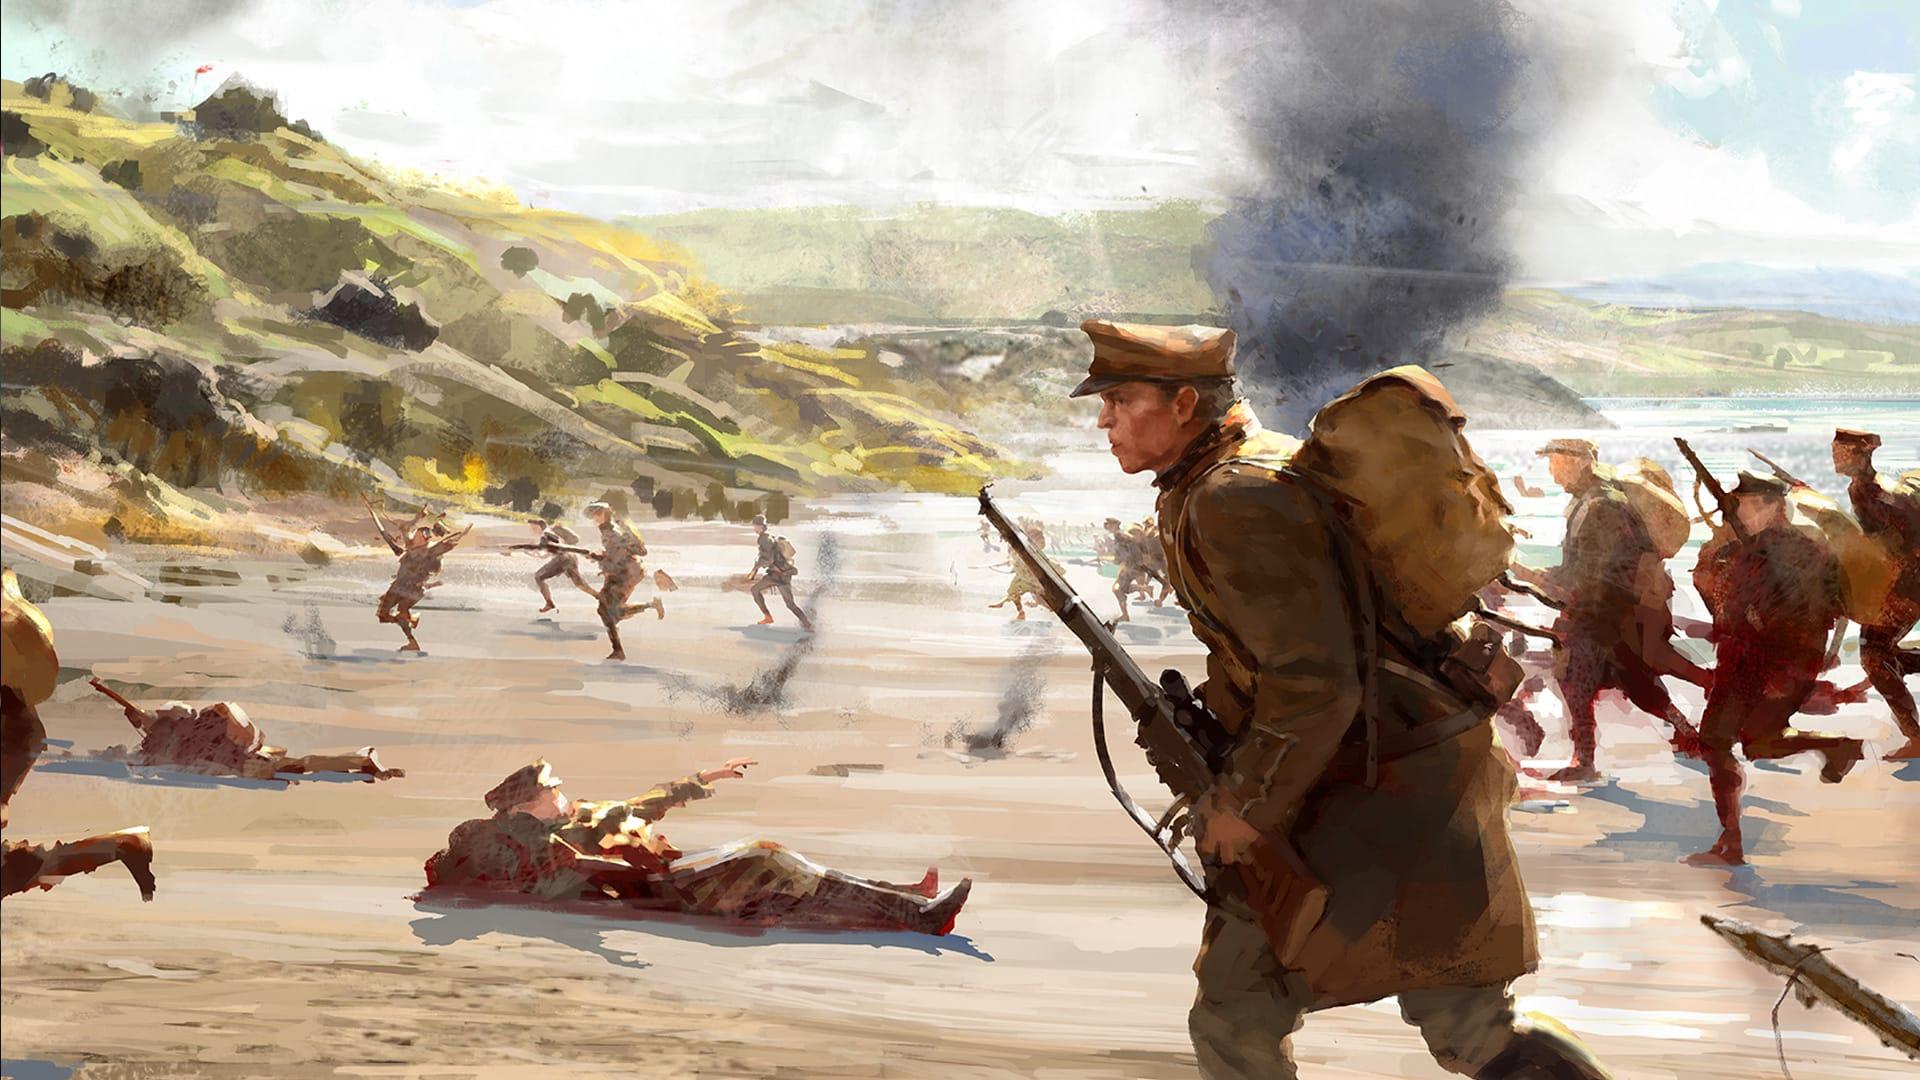 Battlefield 1 official reveal trailer 2016 world war 1 - 2 6